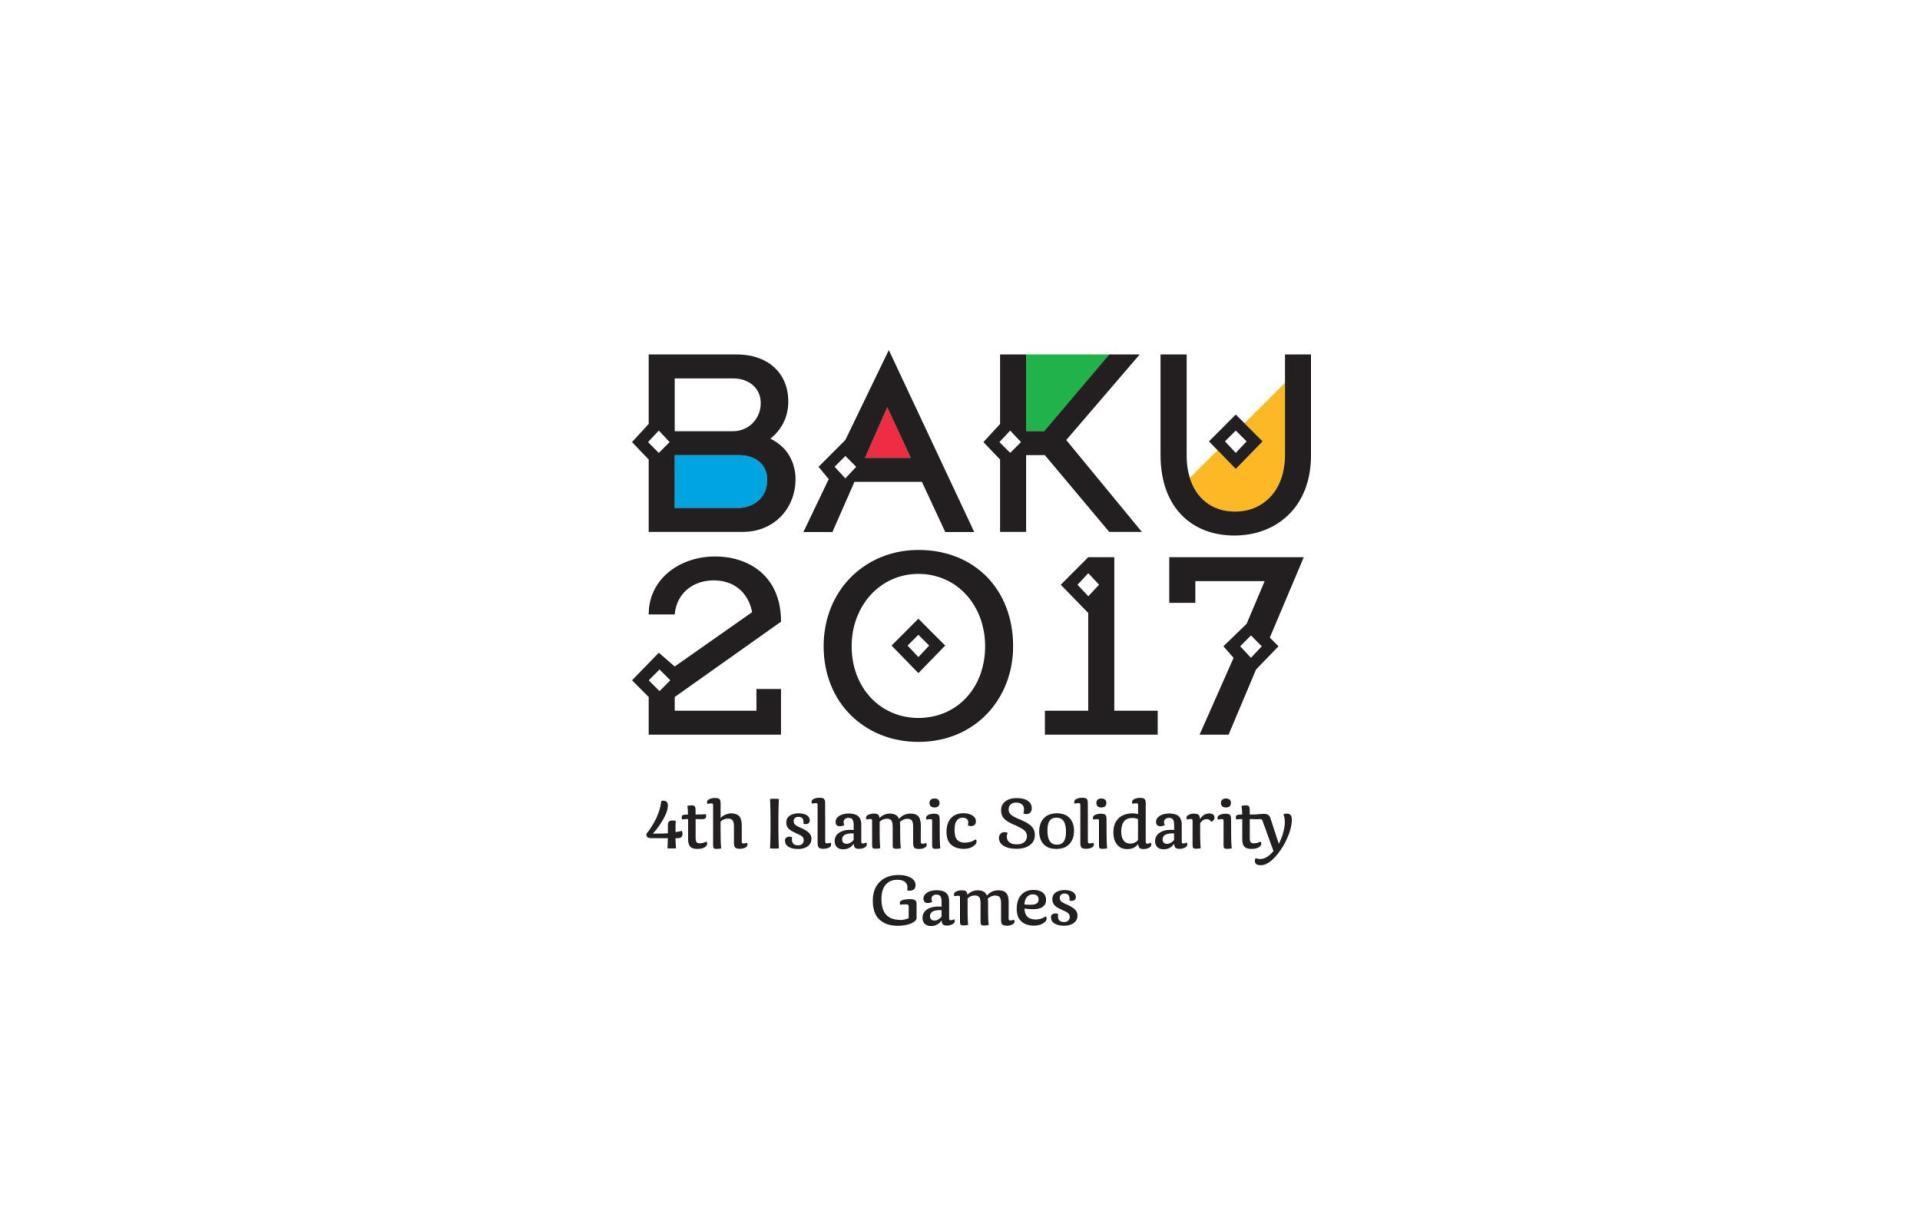 İslam Həmrəyliyi Oyunlarının Könüllüləri arasında sorğu keçirilib